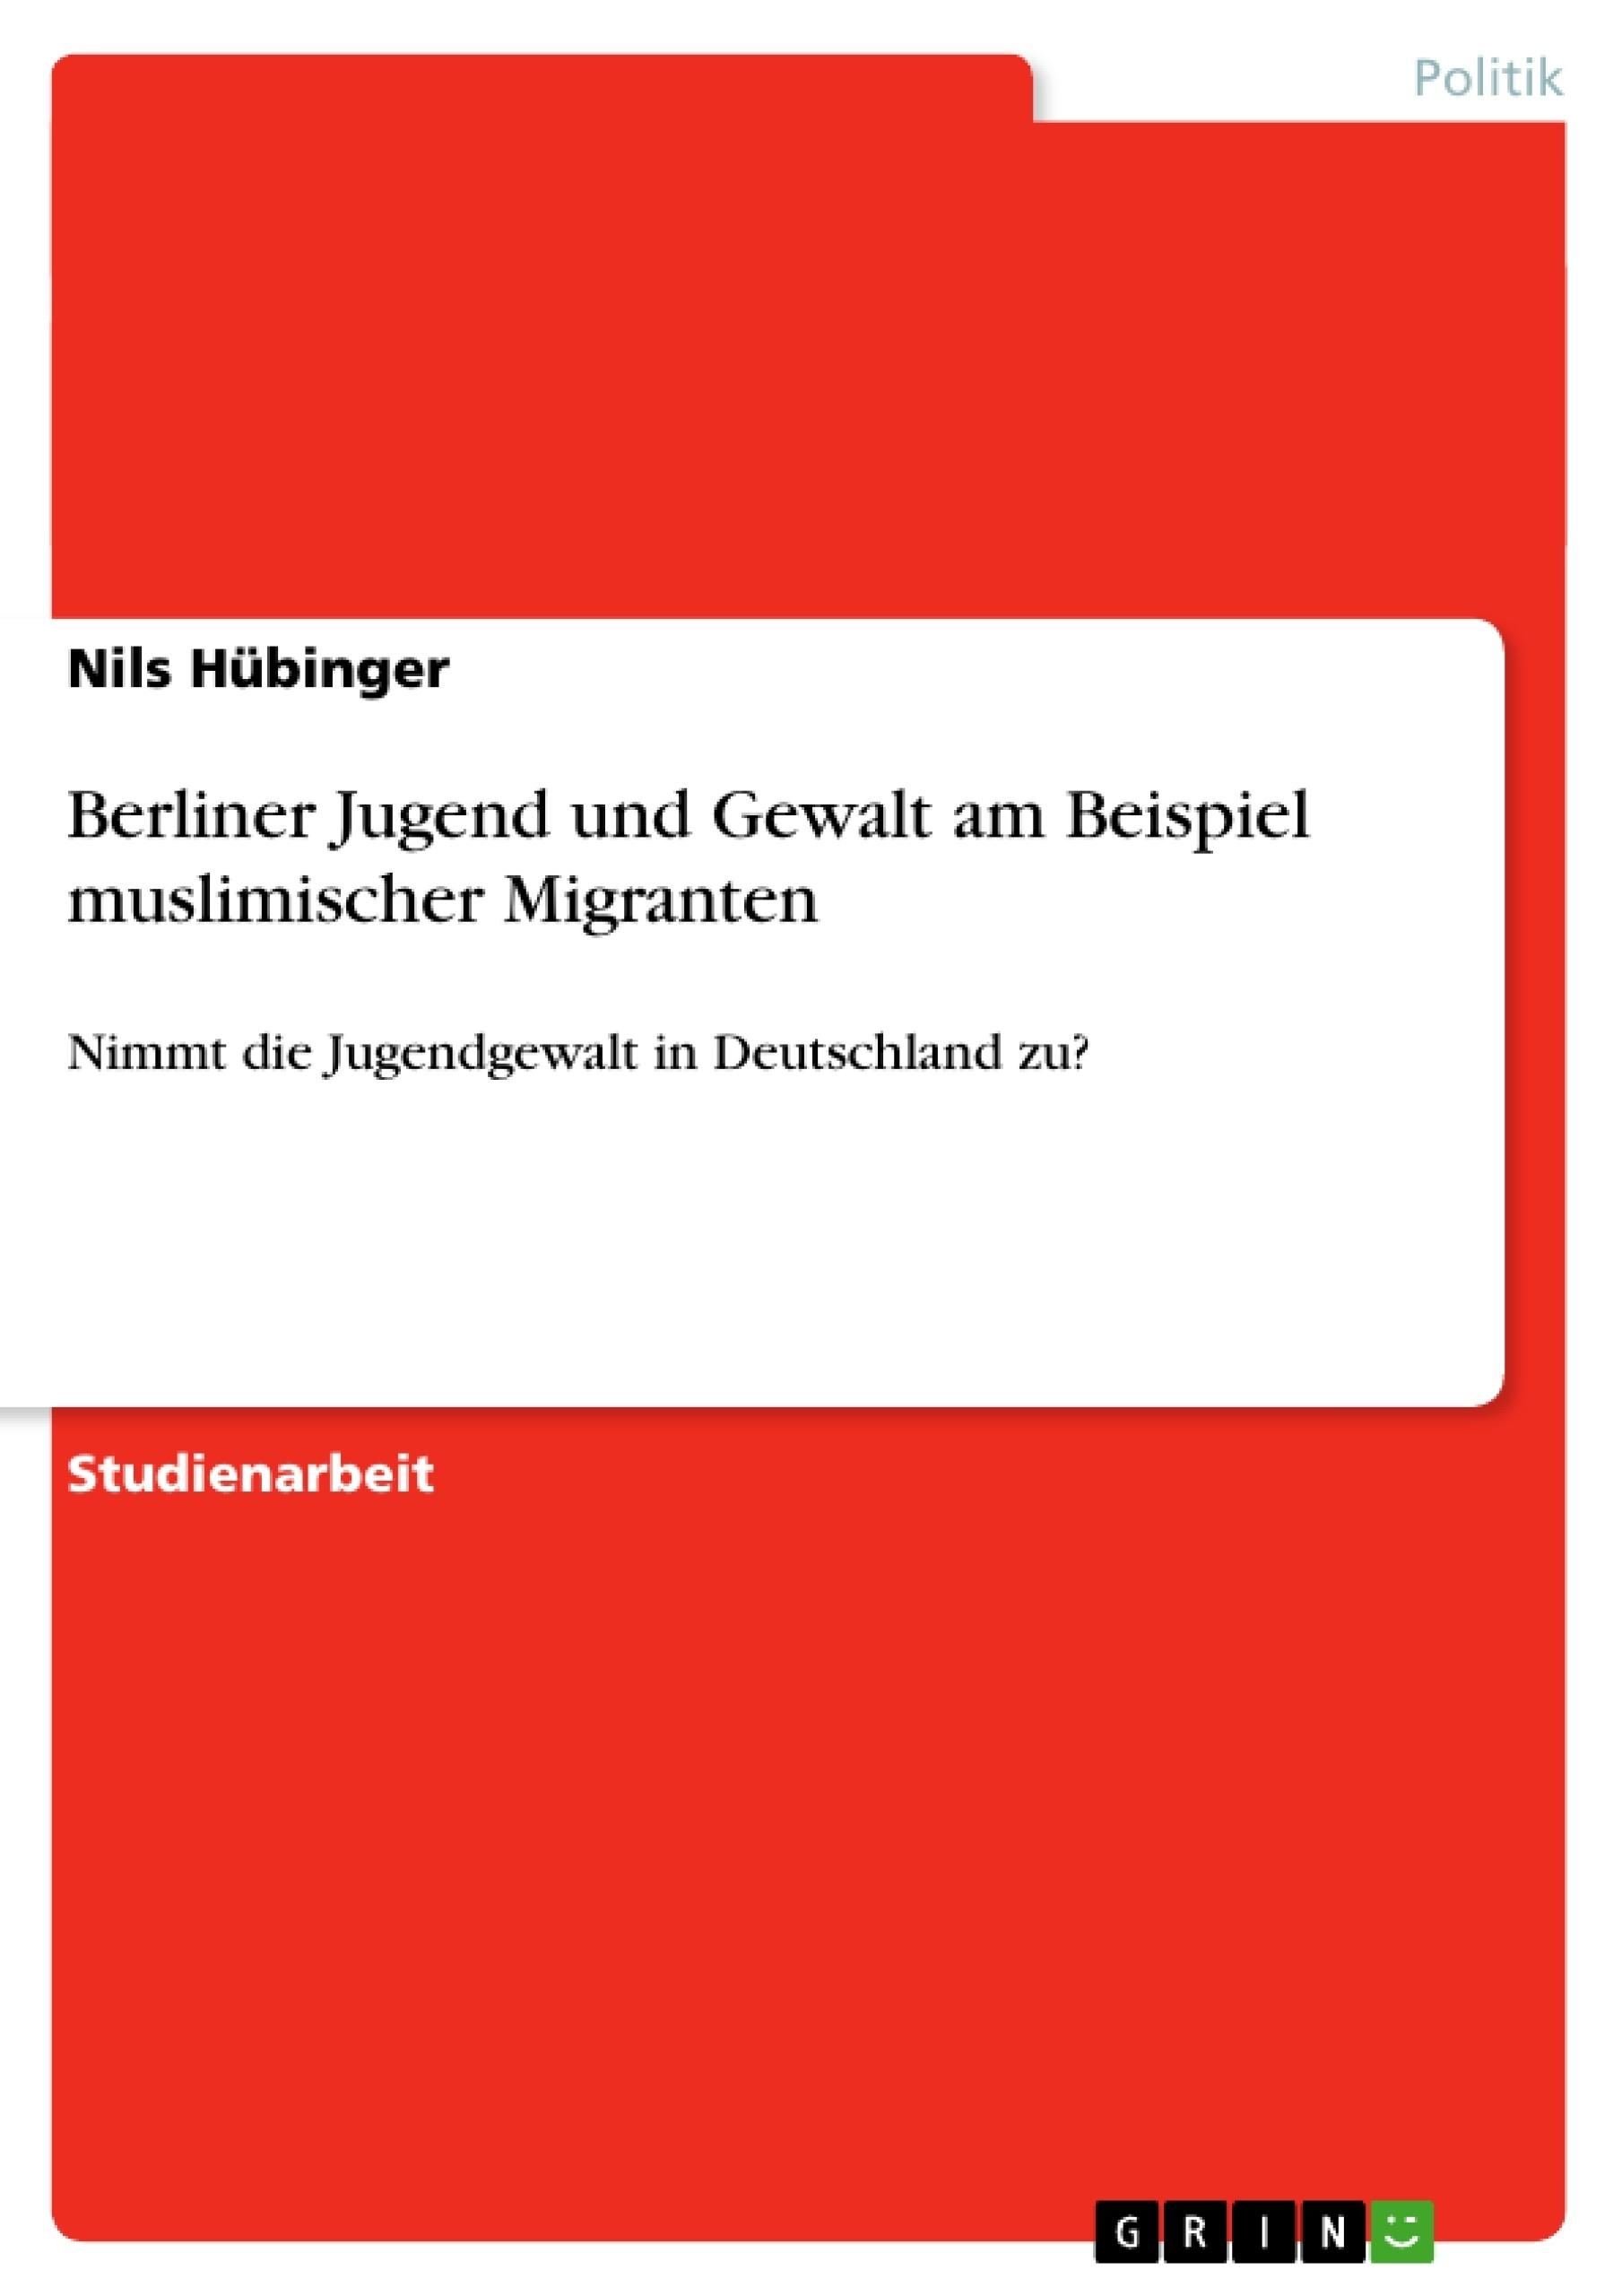 Titel: Berliner Jugend und Gewalt am Beispiel muslimischer Migranten